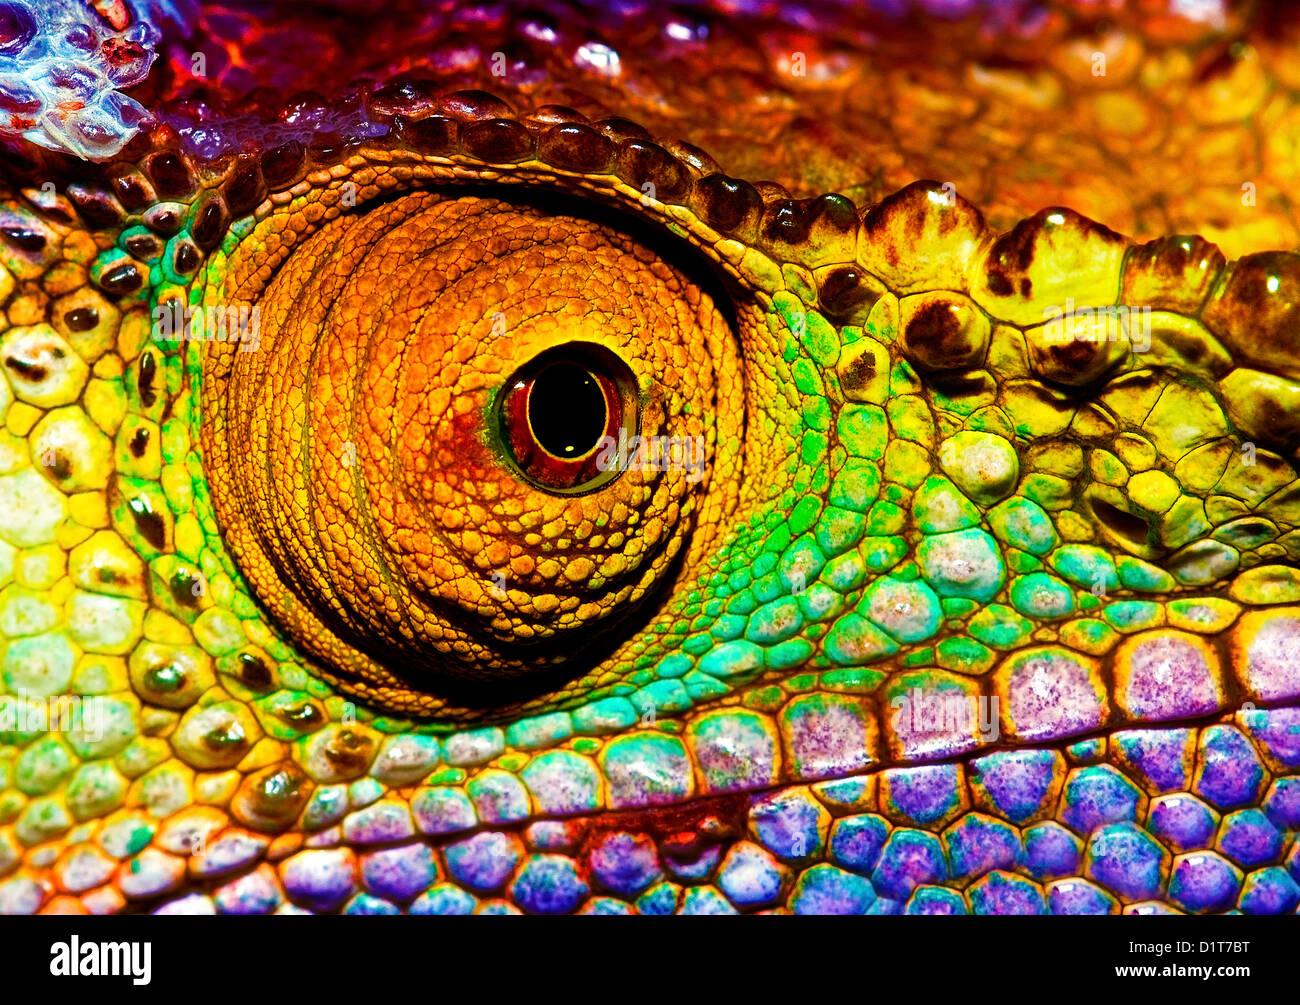 Foto de coloridos ojos reptilianos, closeup jefe parte de camaleón, piel escamosa multicolor de lagarto, animales Foto de stock